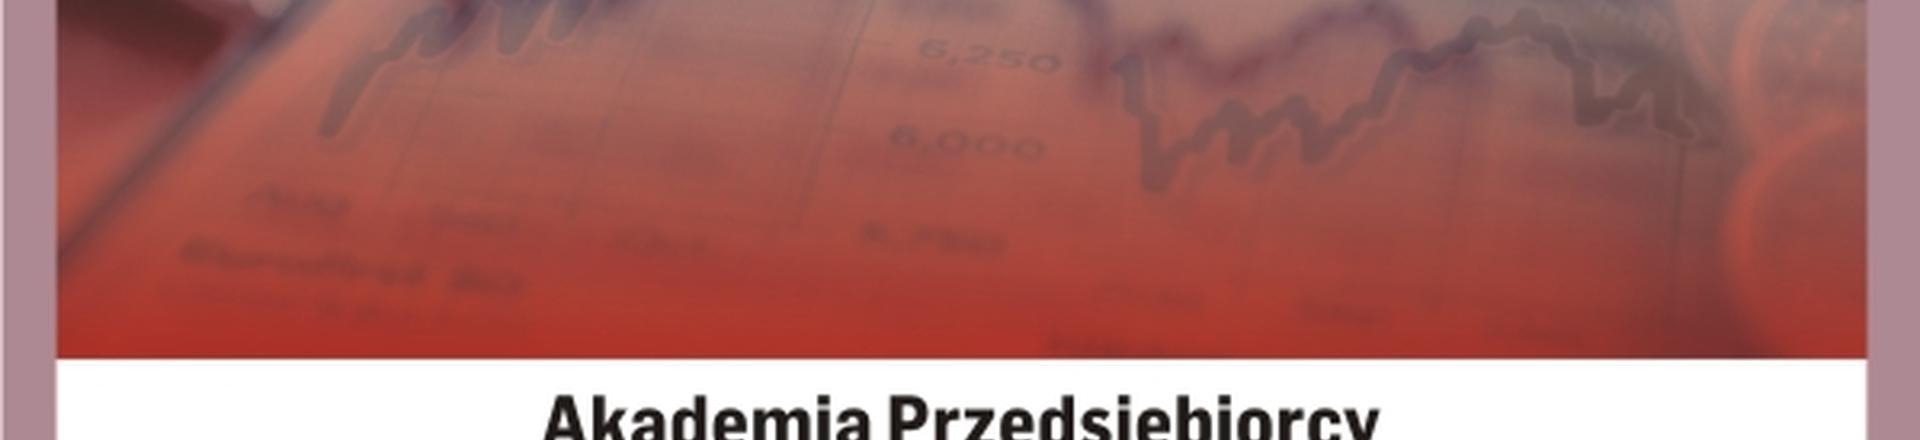 Cykl Akademia Przedsiębiorcy: Kapitał i bezpieczeństwo Twojej firmy - Łódź